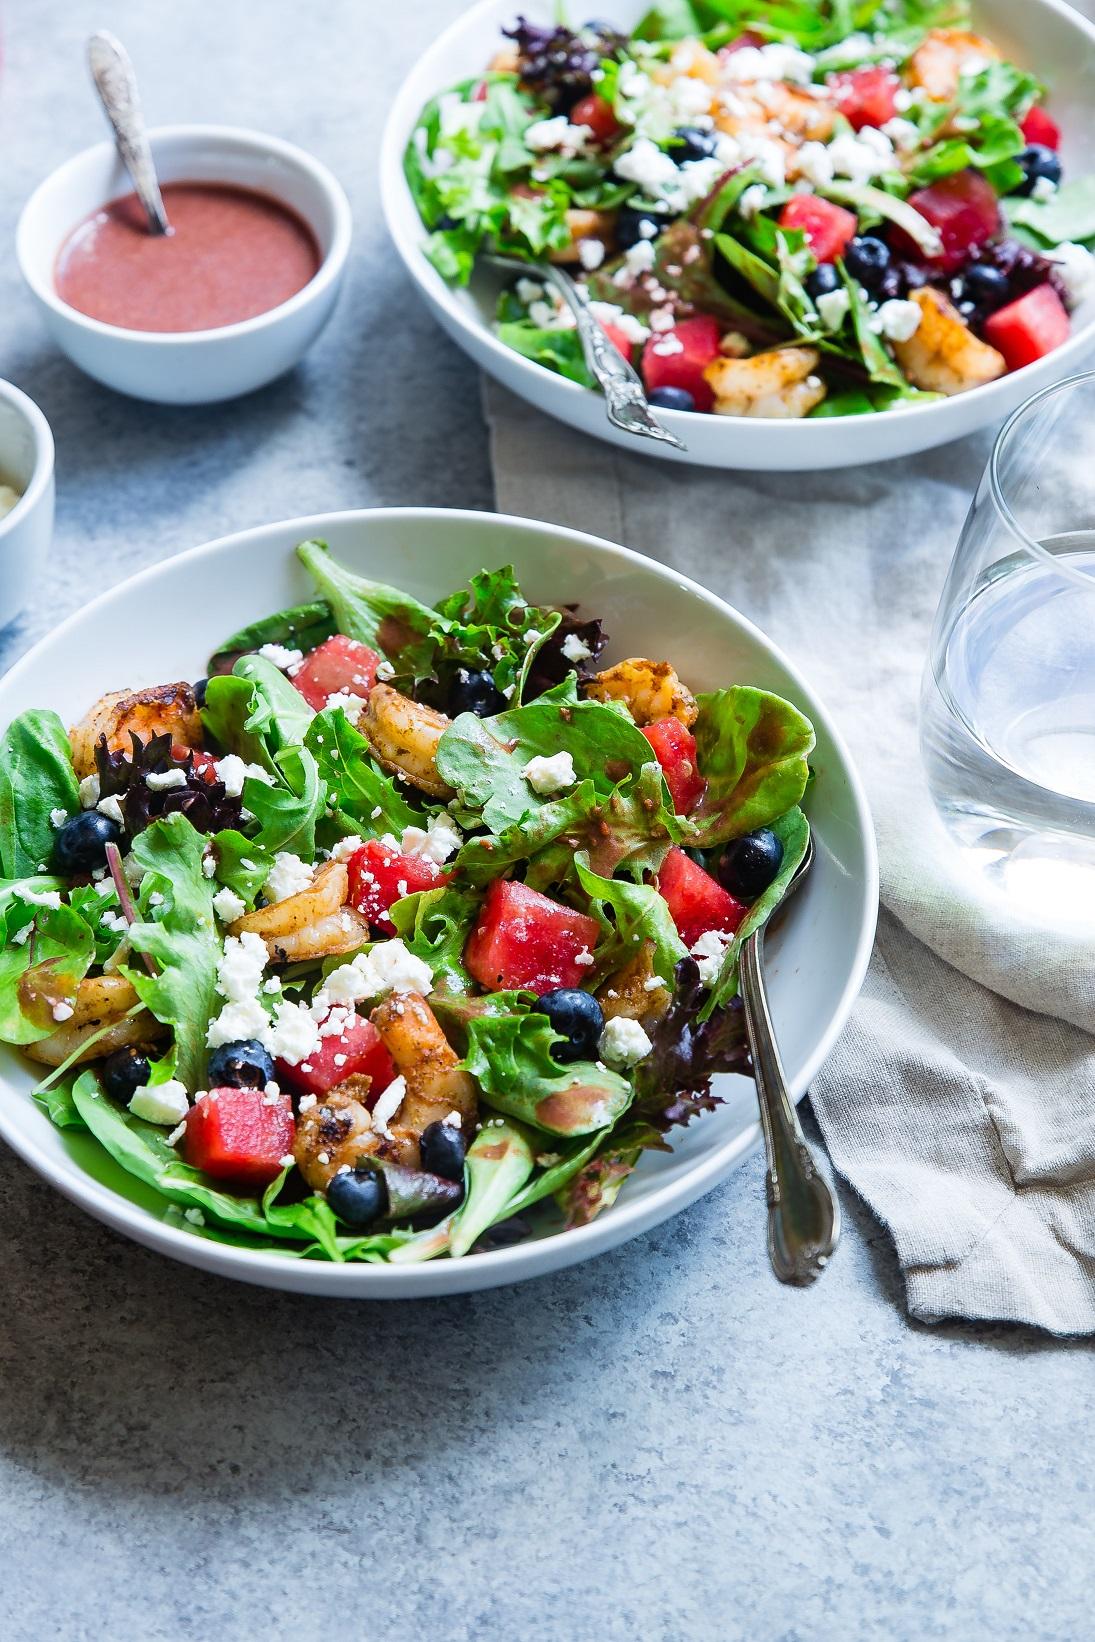 Dieta bezglutenowa powinna być stosowana przez osoby z nietolerancją glutenu